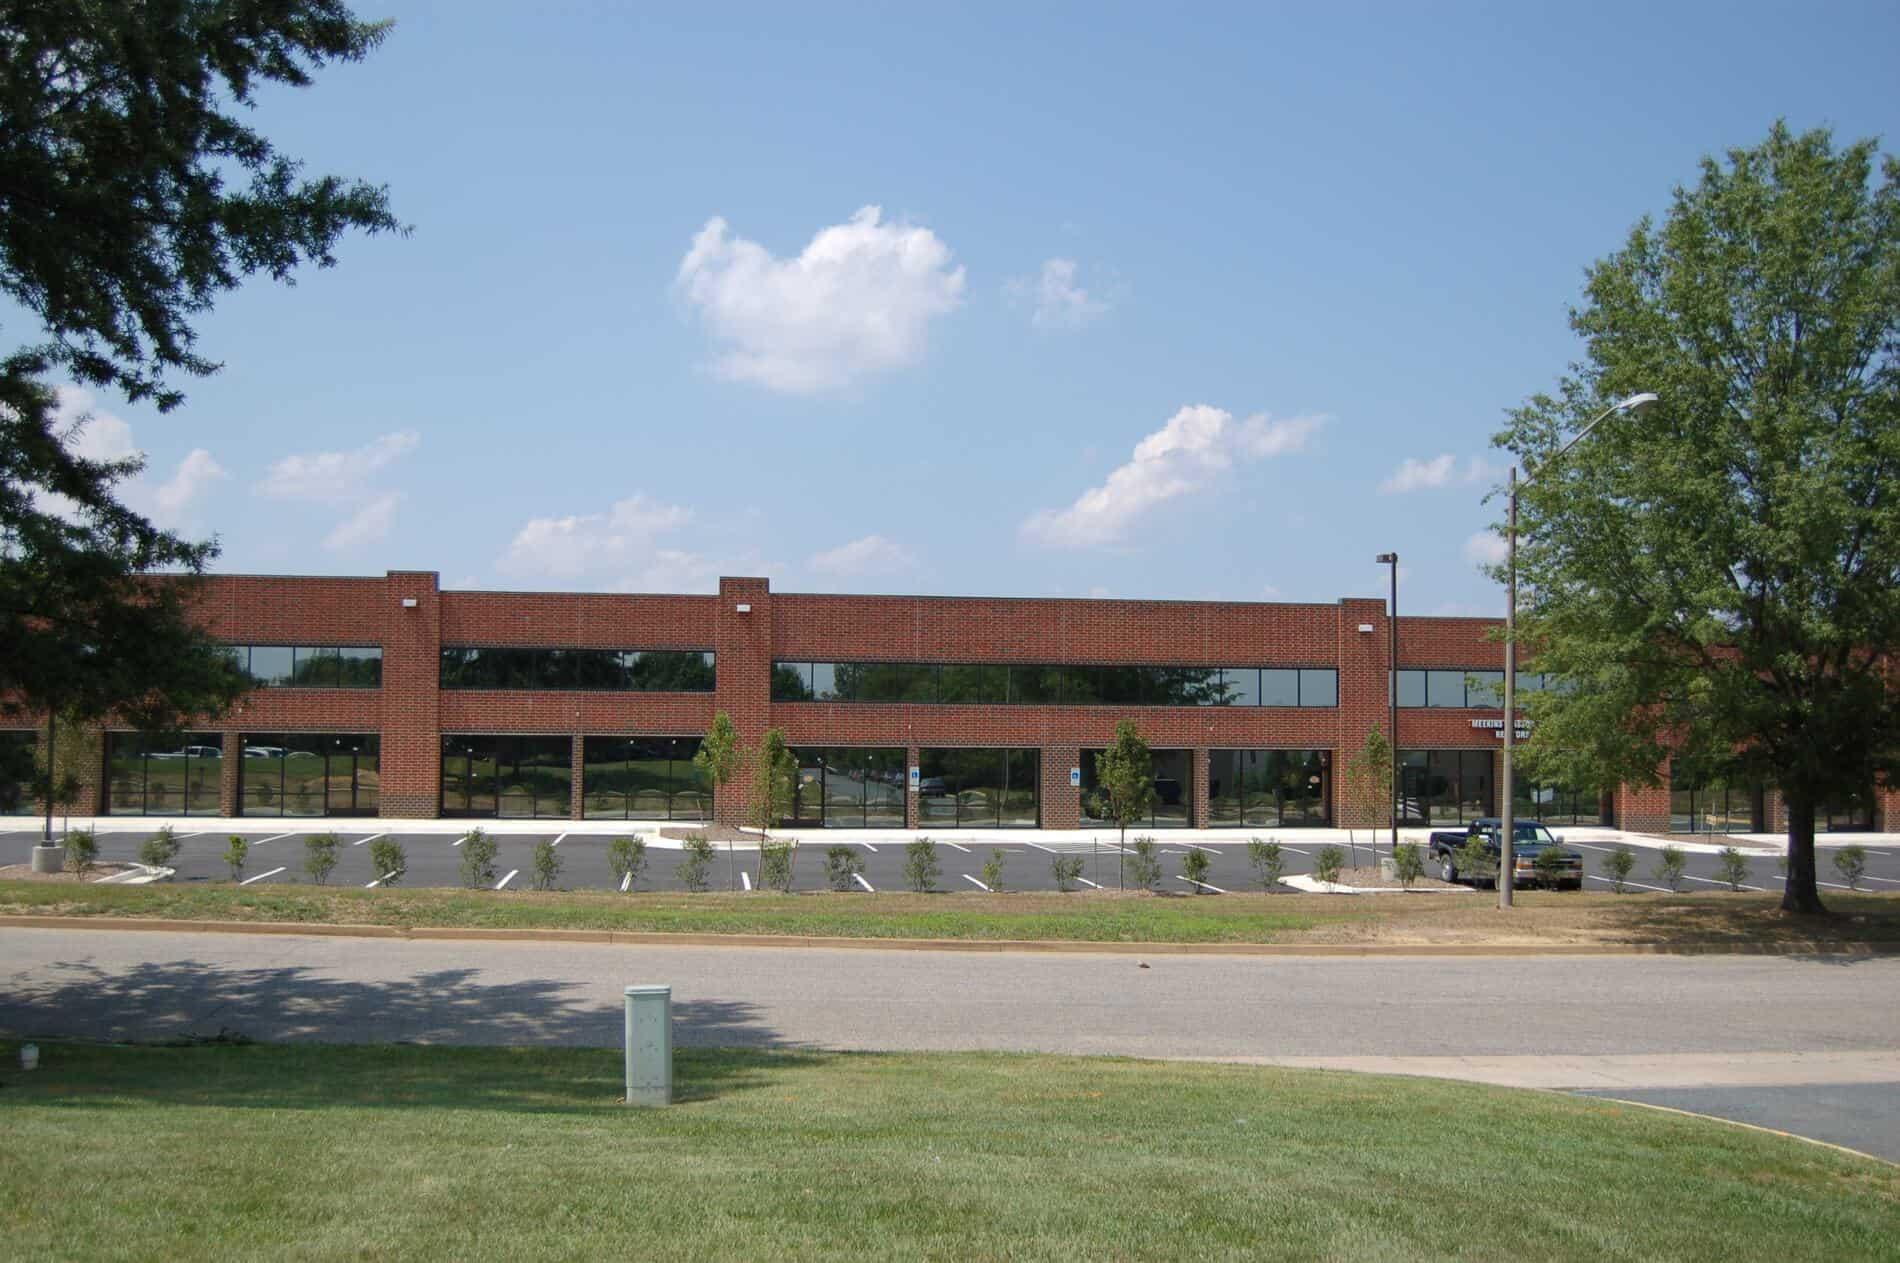 Fredericksburg Commercial Real Estate Management